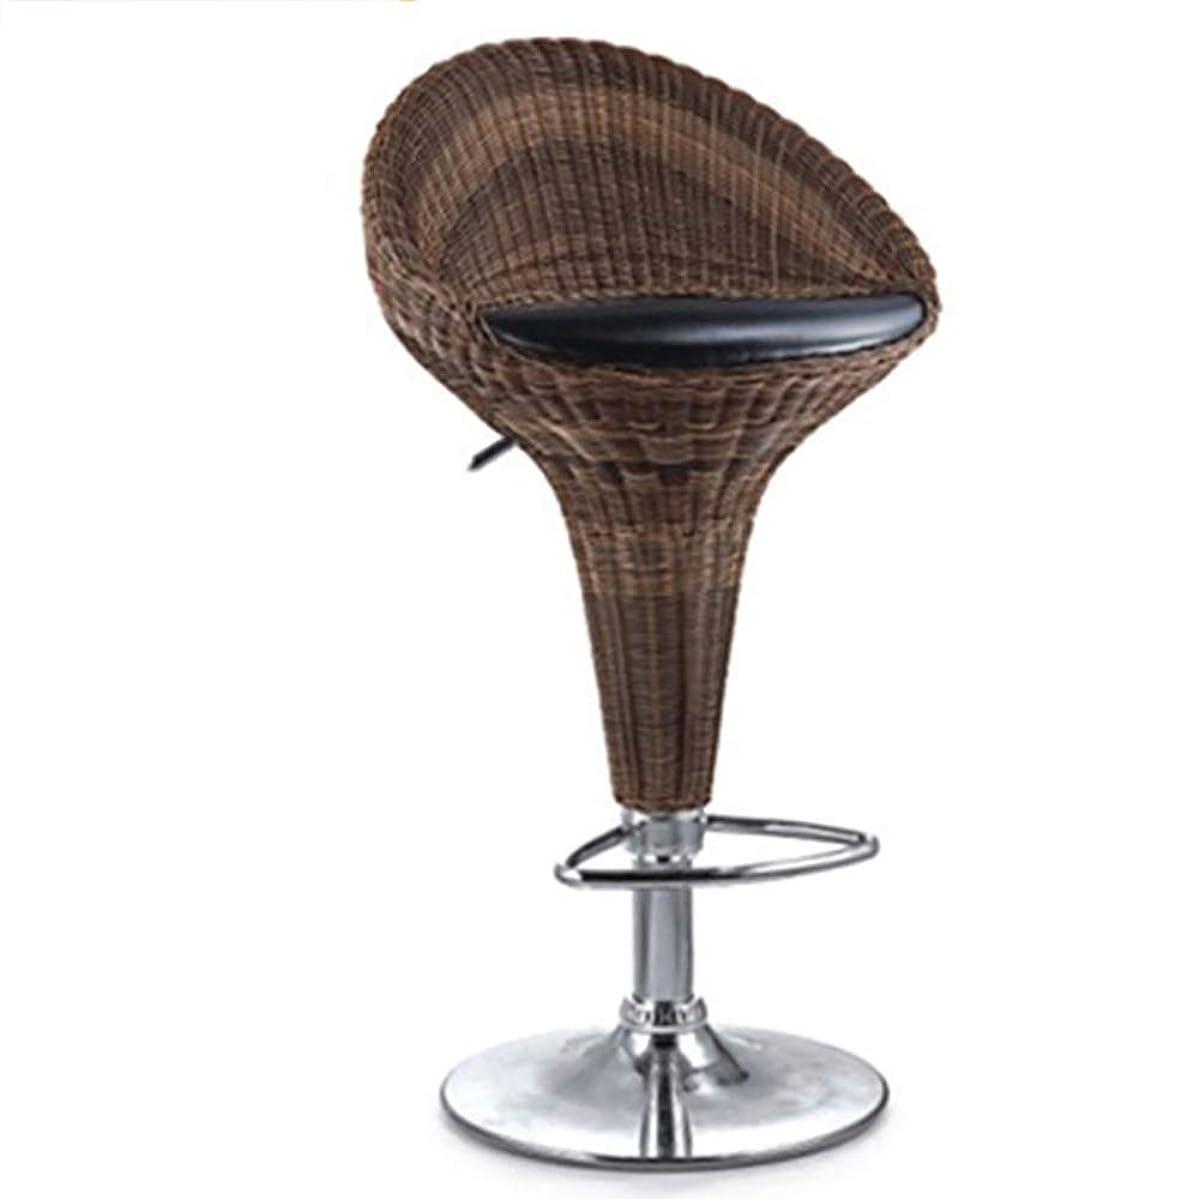 WJT-Barstool Rattan Bar Chair Bar Chair Lift High Stool Creative Bar Chair Simple Modern Back Bar Chair Fashion Rotating Rattan Chair Size: 47×32×81.3-100cm Load Capacity: 200kg